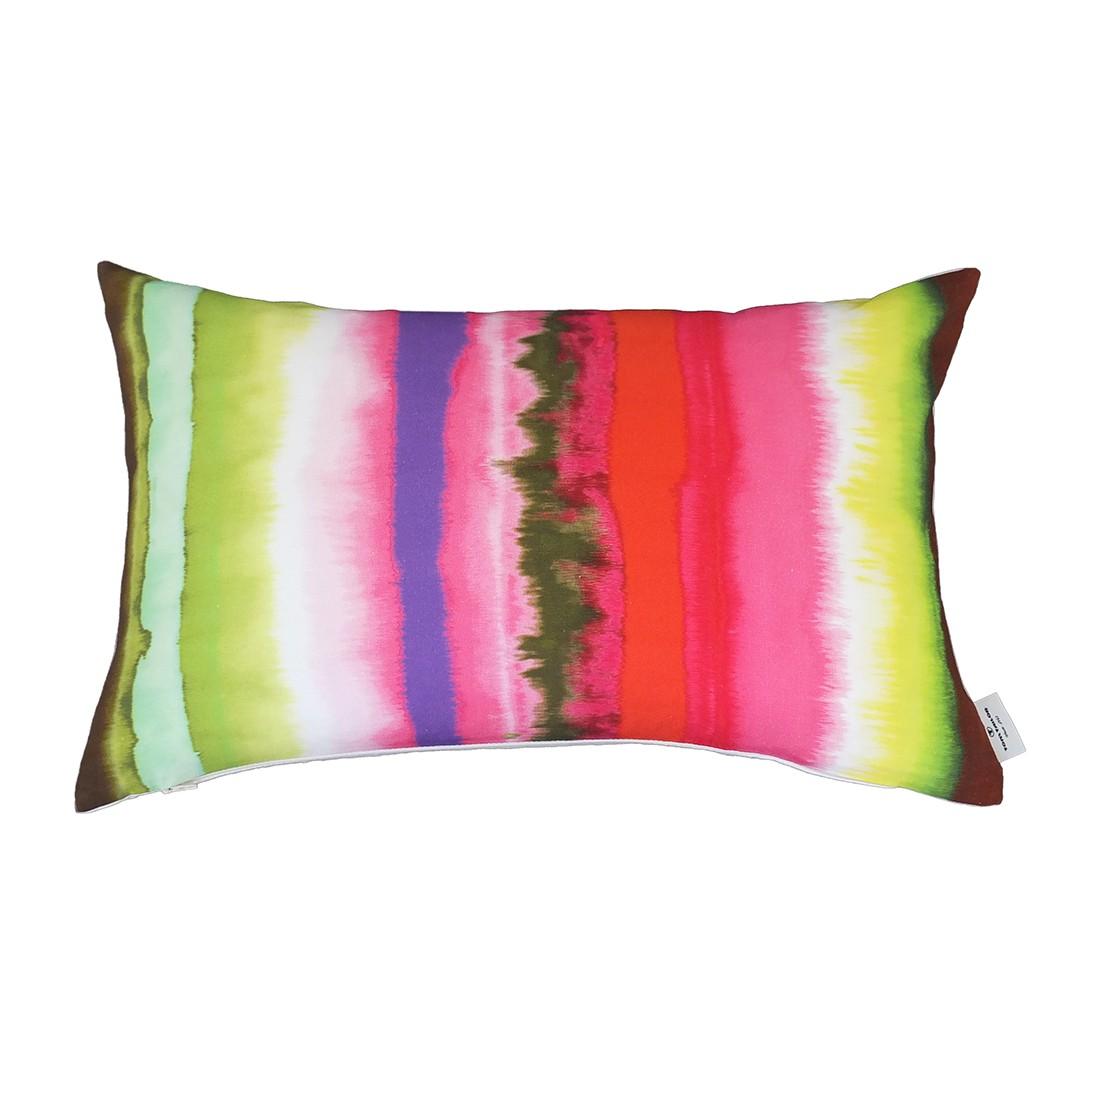 Kussensloop T- Rainbow - meerkleurig - afmetingen: 35x55cm, Tom Tailor